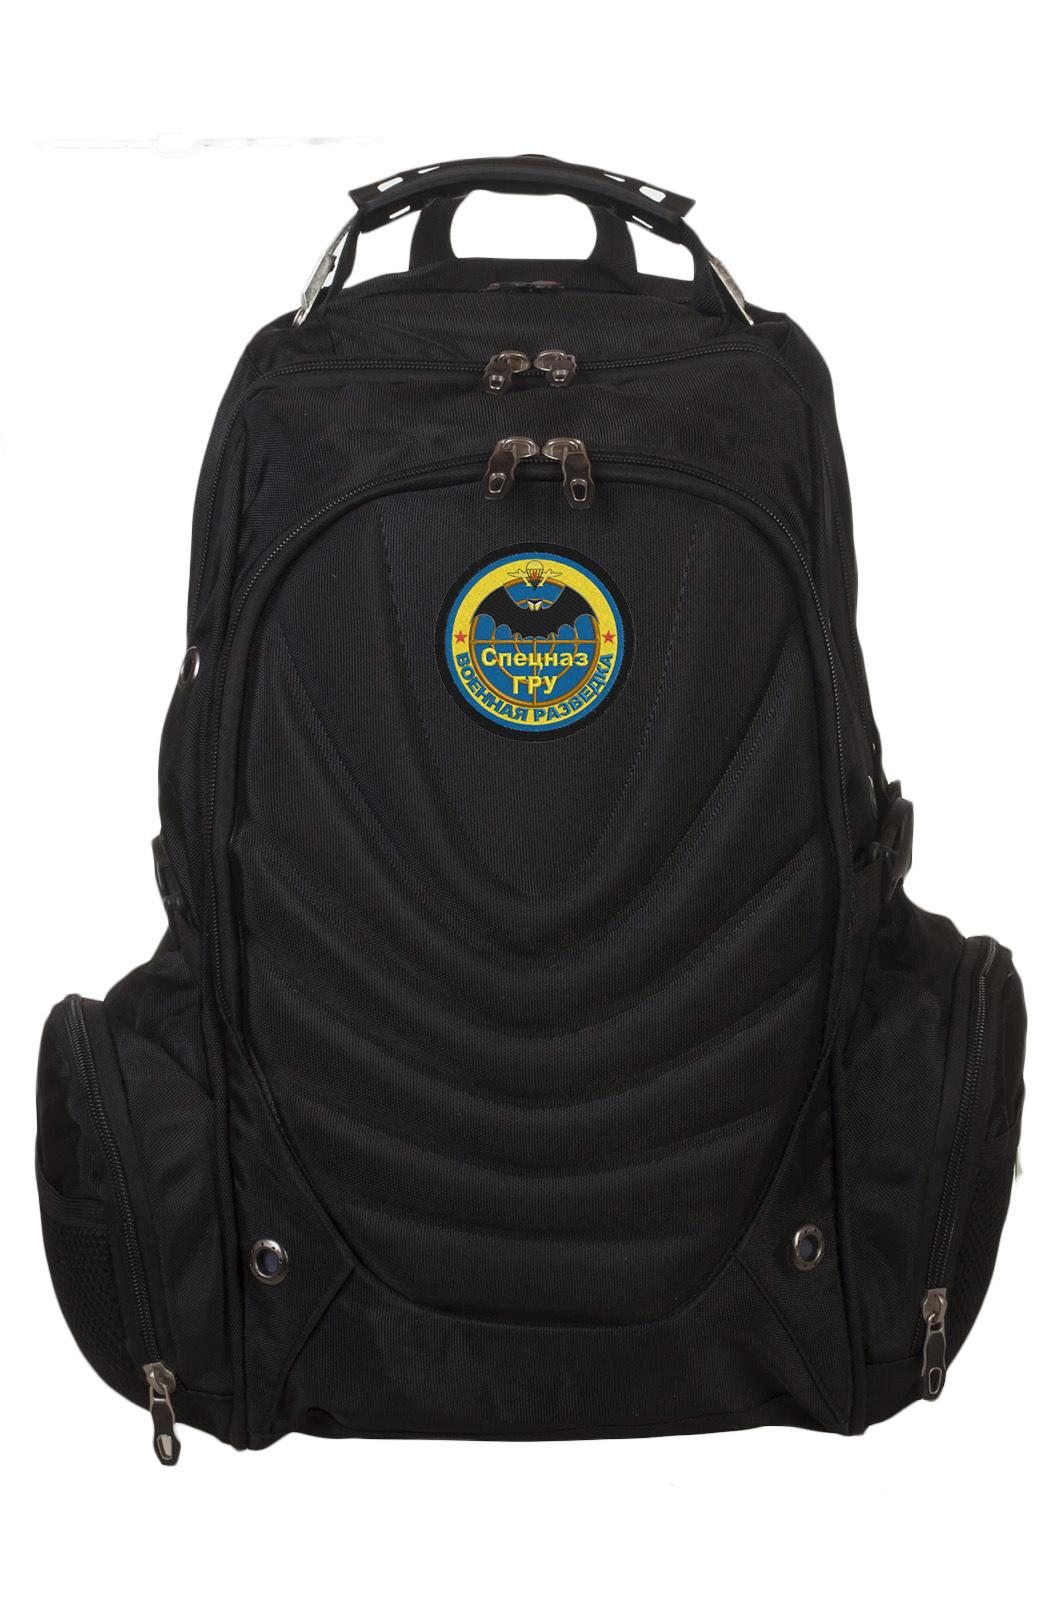 Крутой вместительный рюкзак с нашивкой Спецназ ГРУ